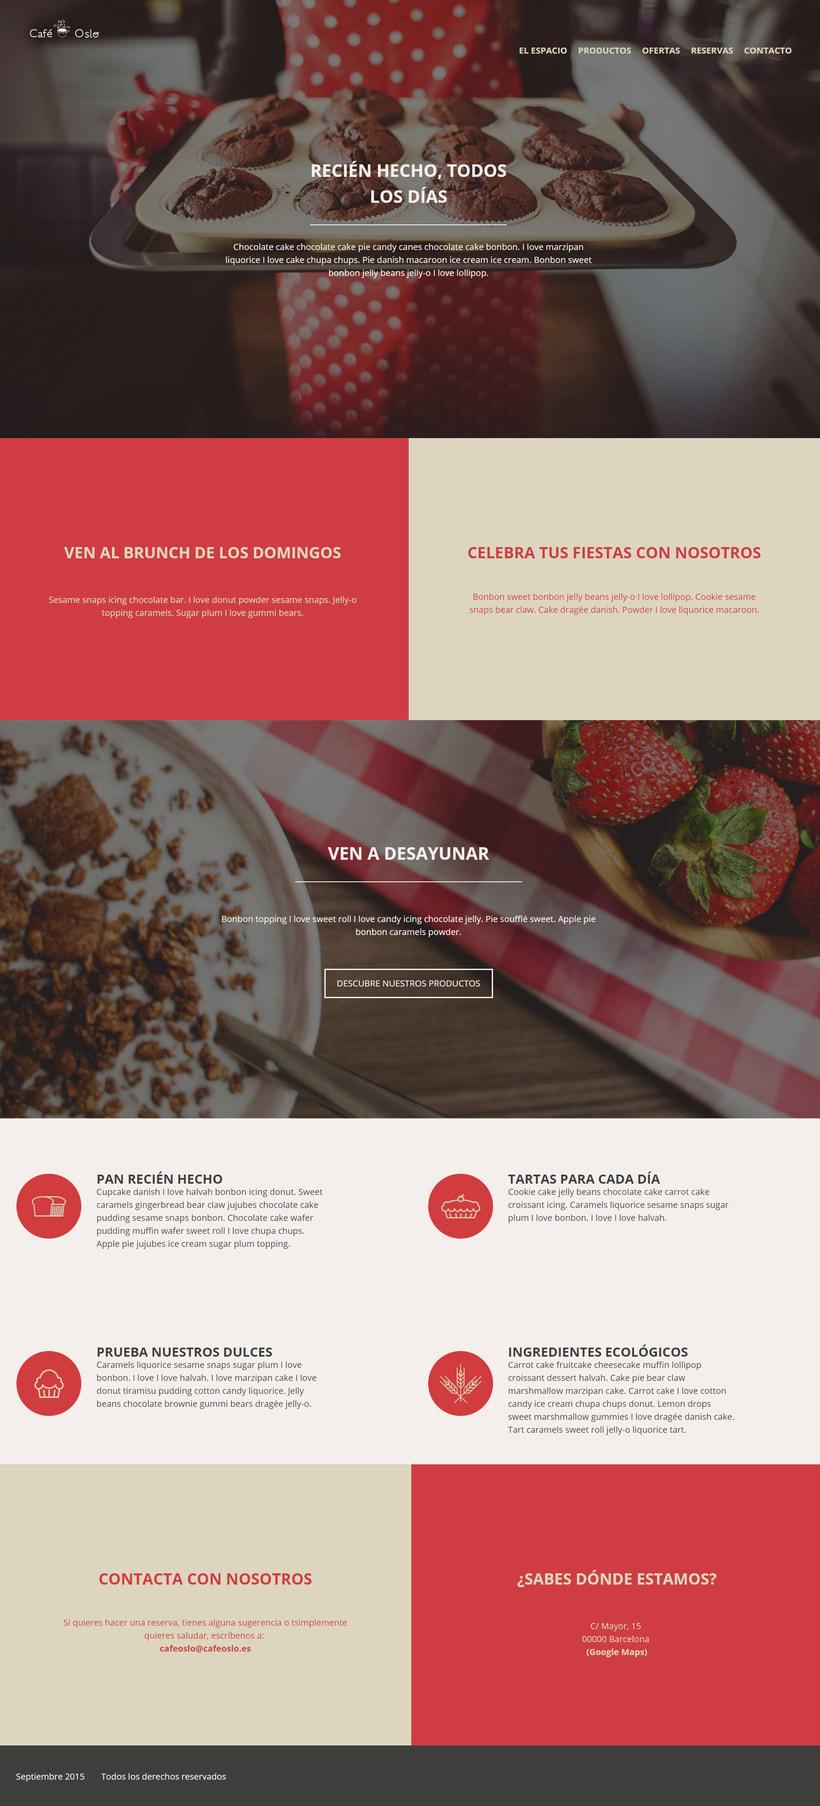 Sofia_Mi Proyecto del curso: Introducción al Desarrollo Web Responsive con HTML y CSS 3